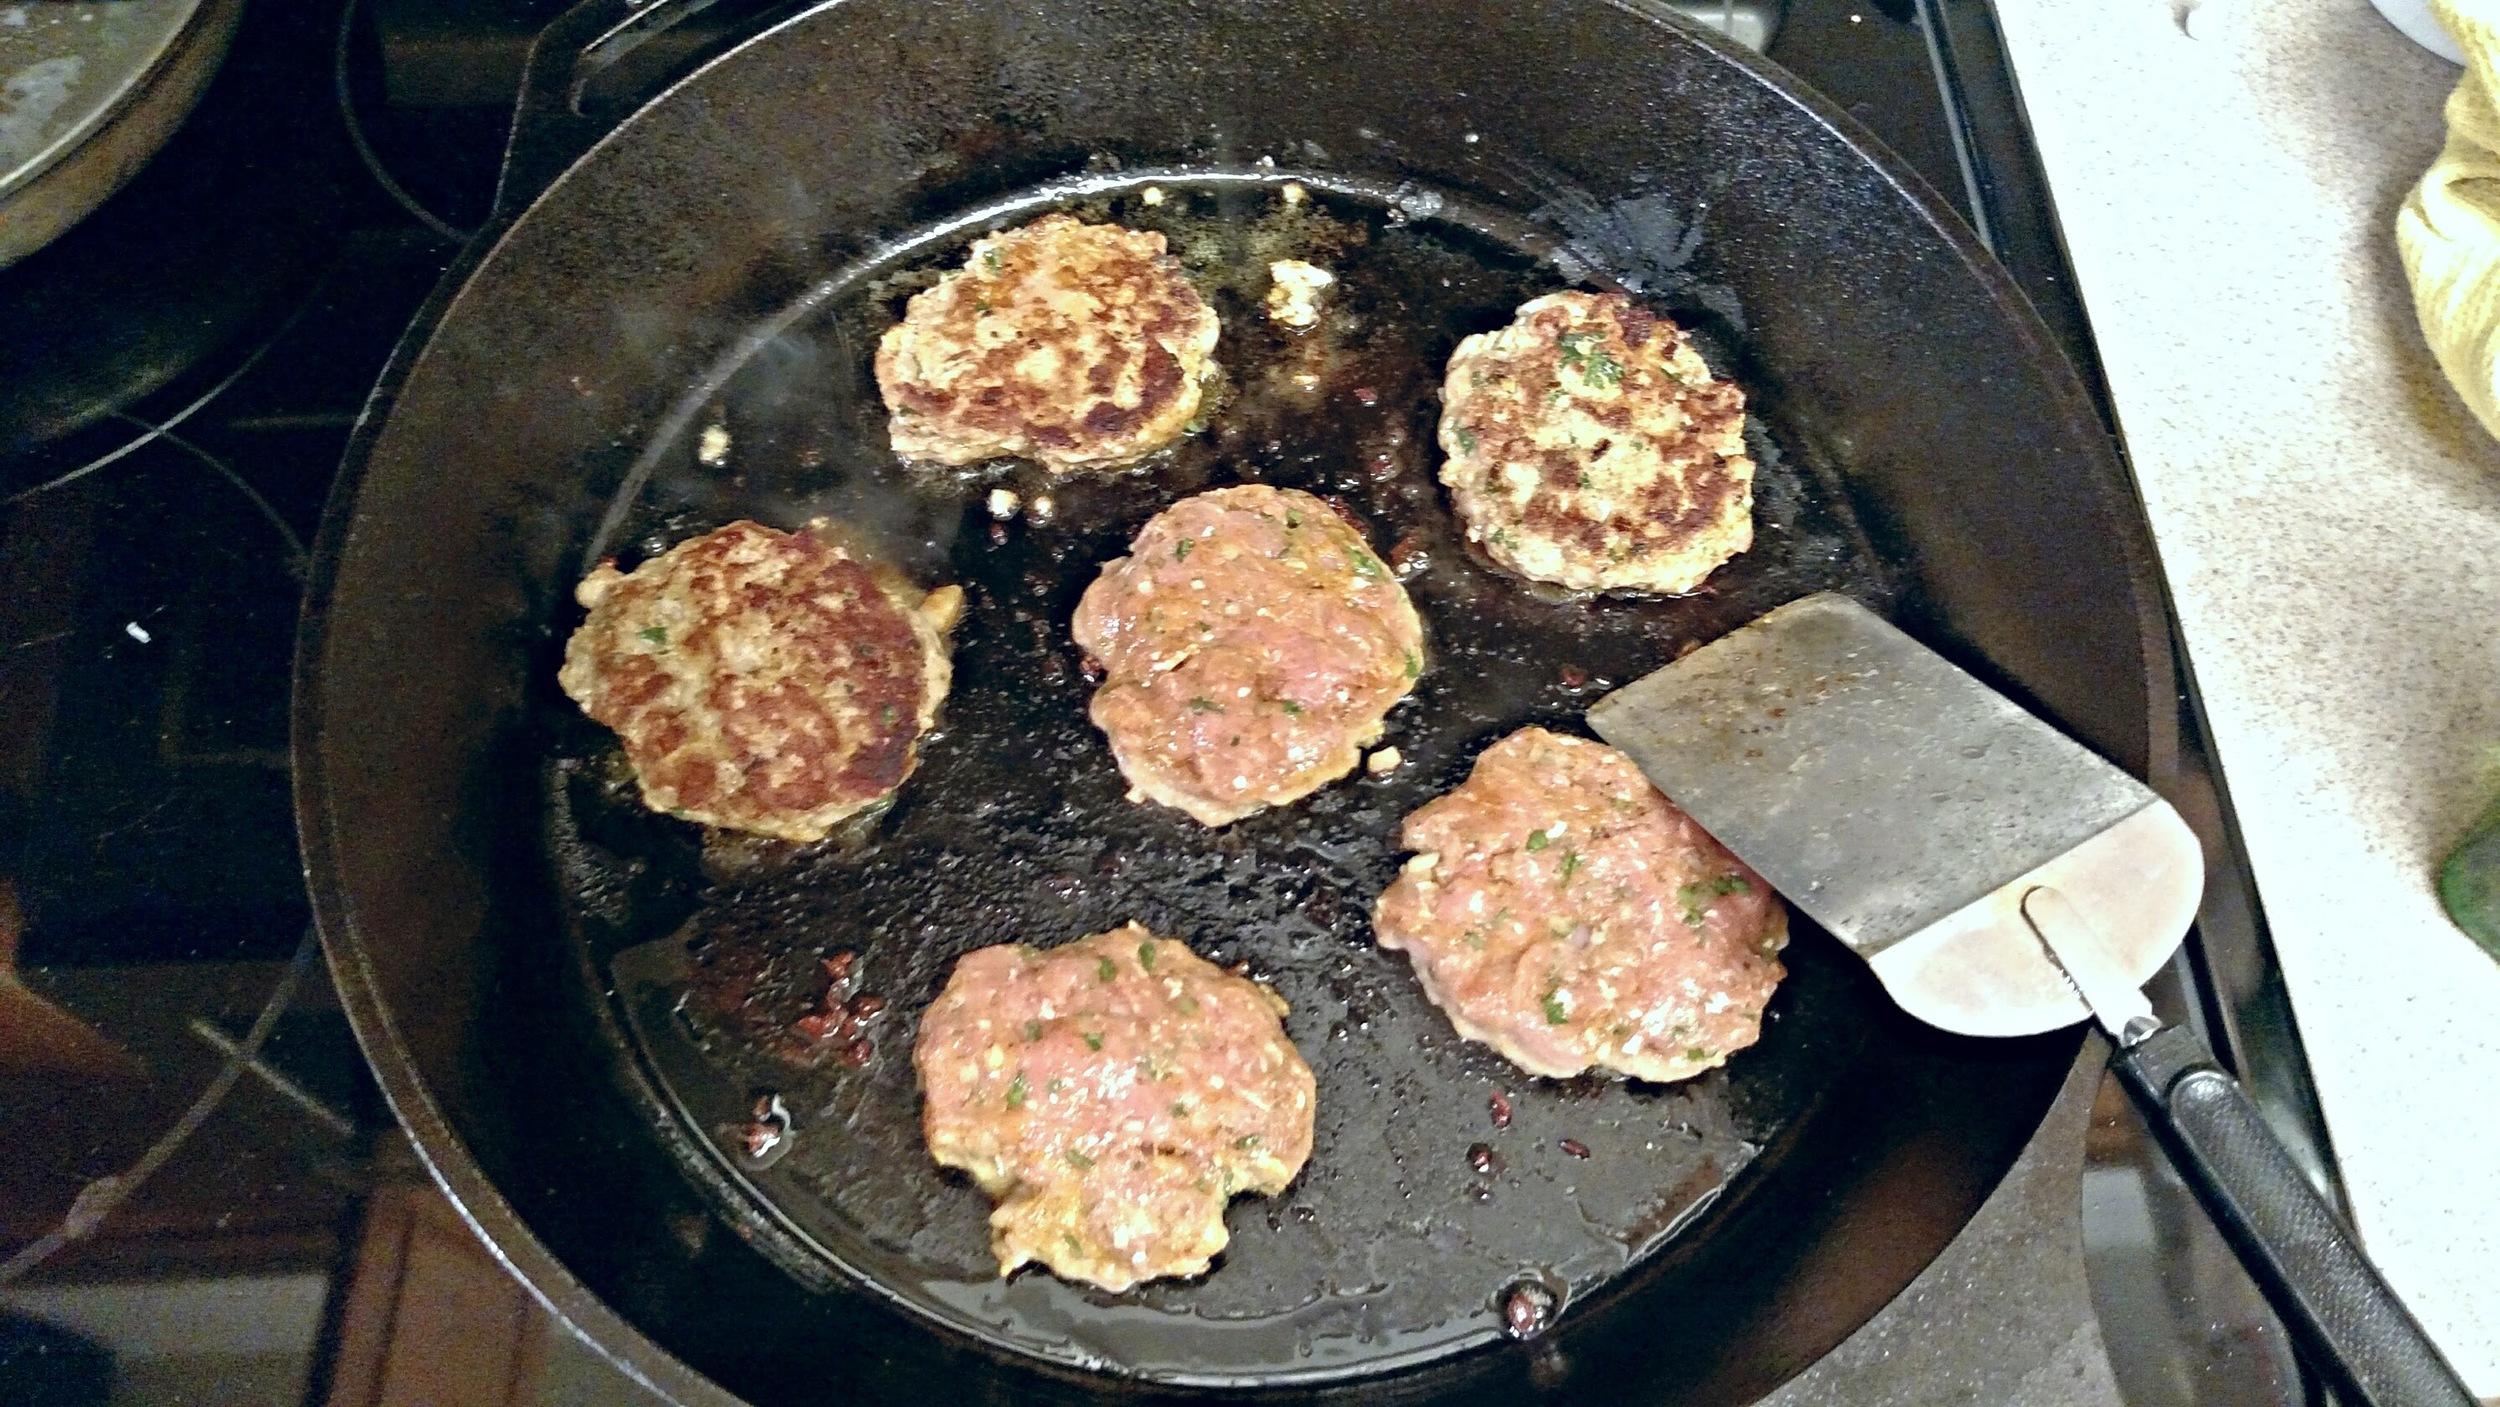 This Week in Food - Turkey Patties